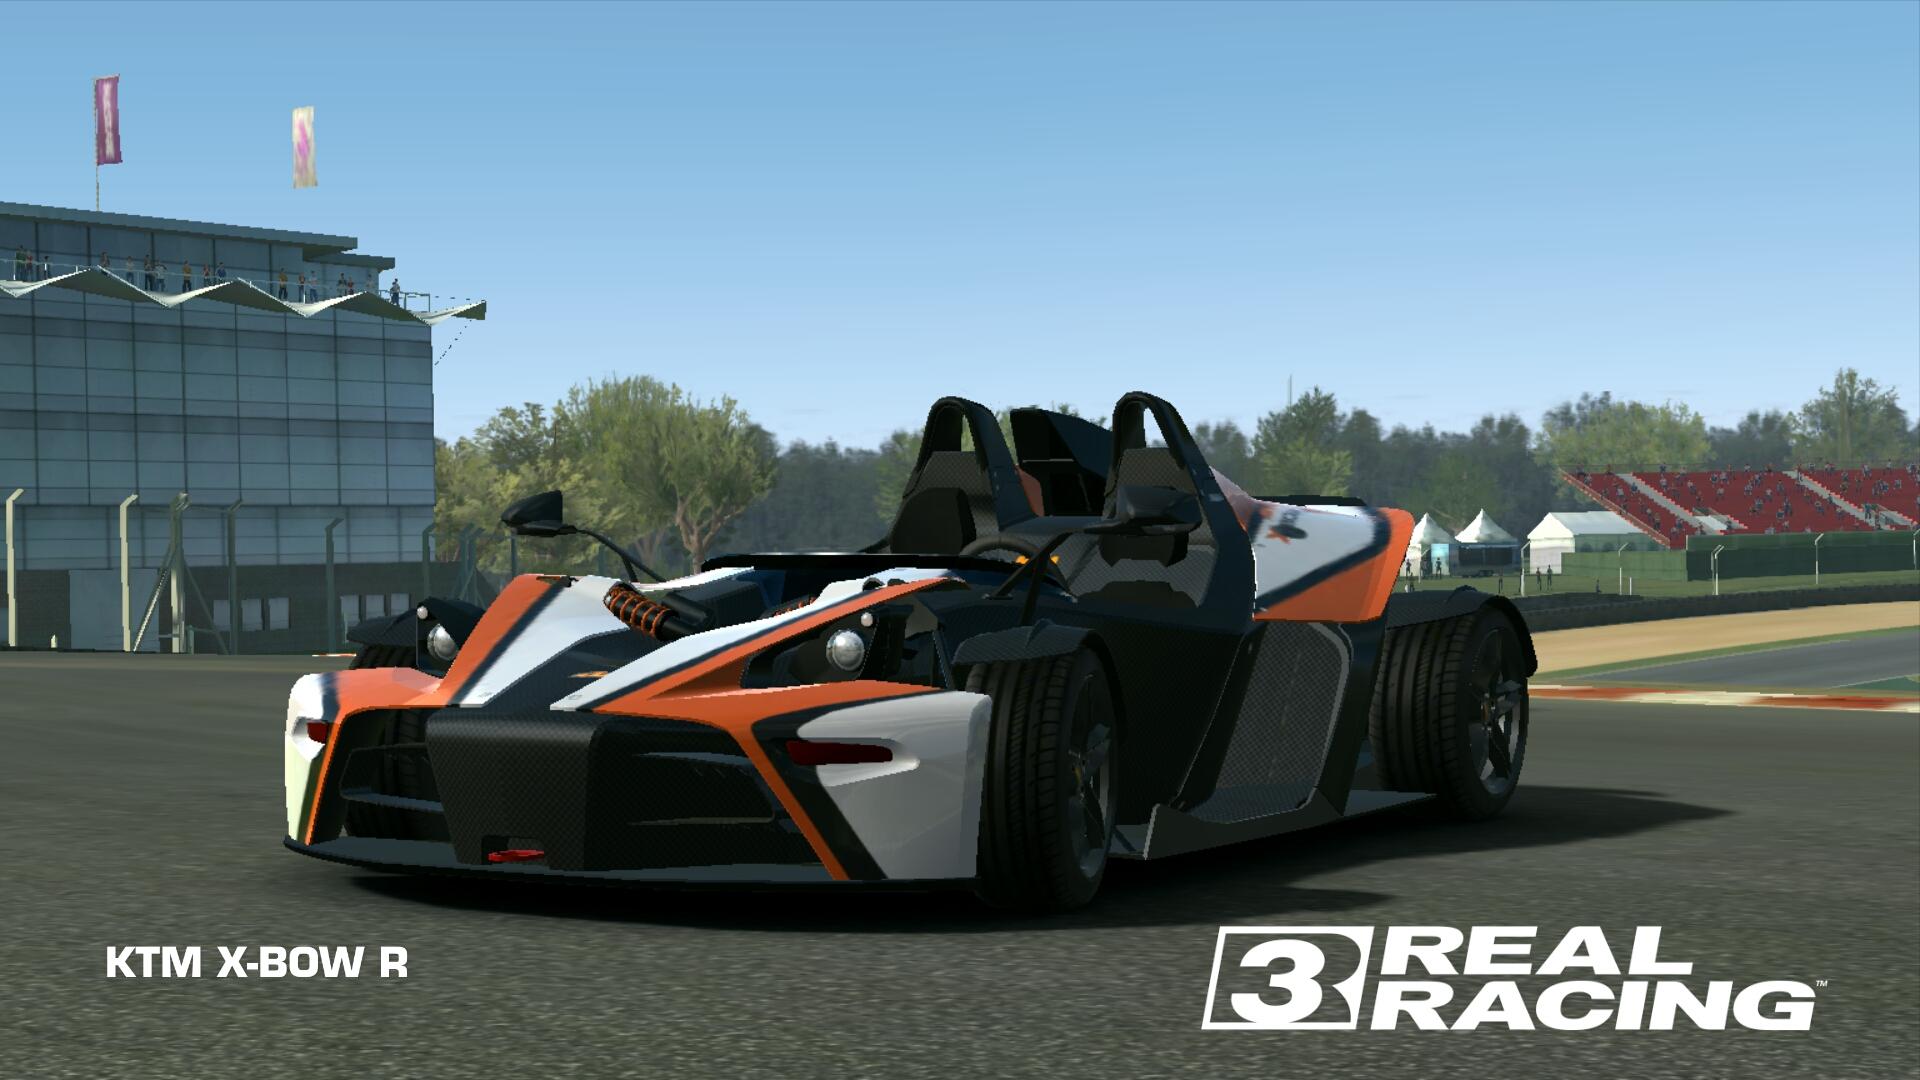 KTM X-BOW R | Real Racing 3 Wiki | FANDOM powered by Wikia